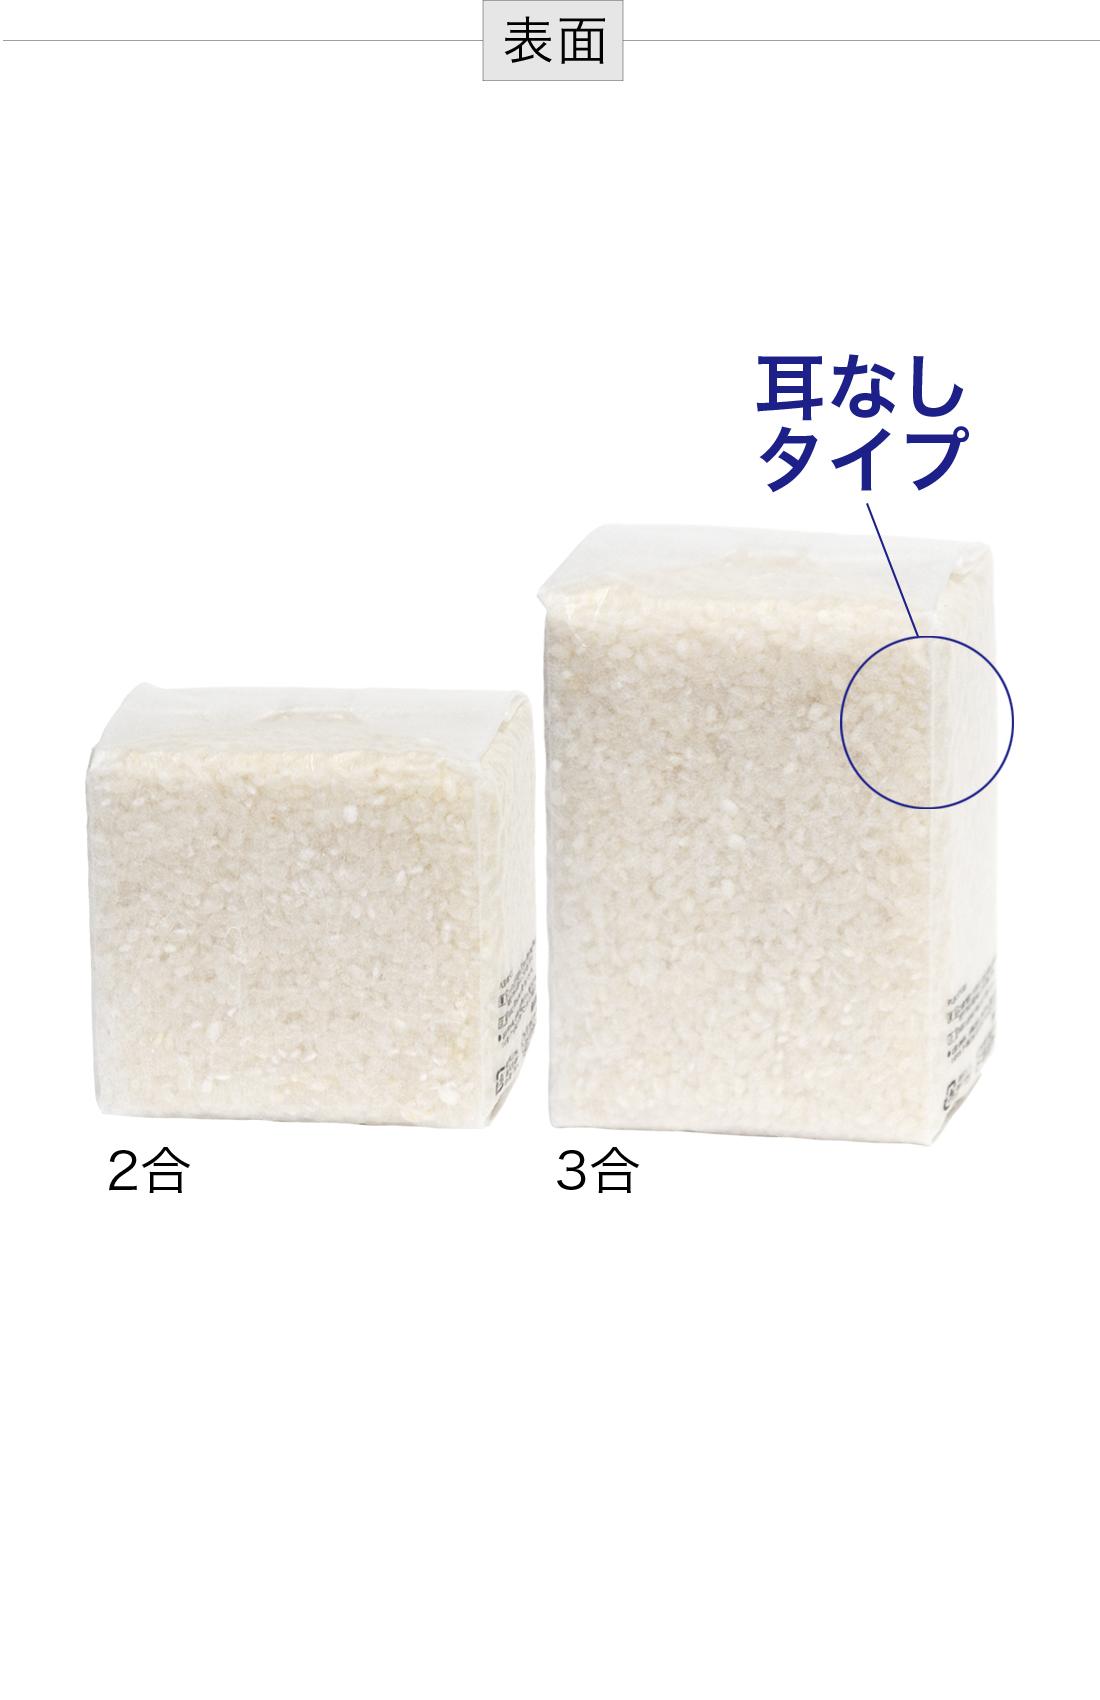 サイコロ型ミニ和紙包み(2〜3合用)